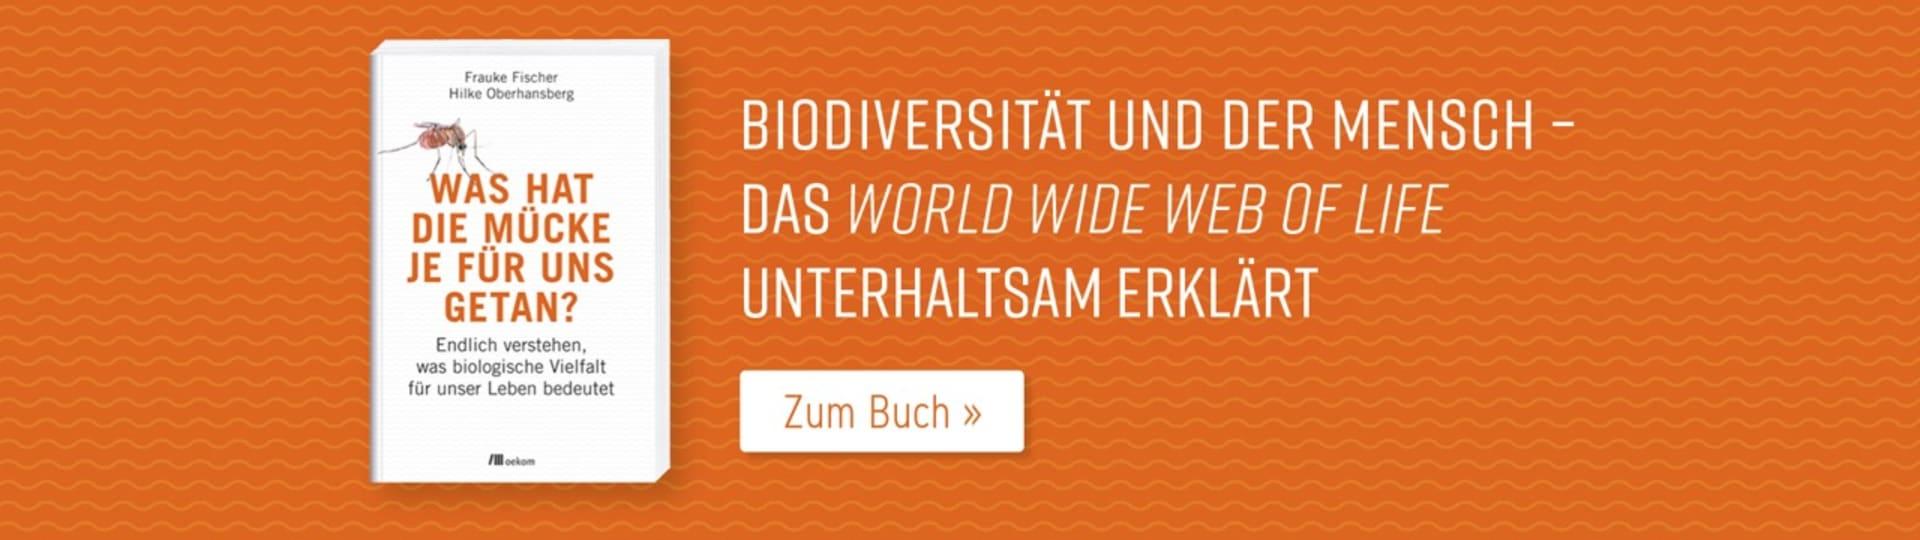 Werbebanner zu Frauke Fischers und Hilke Oberhansbergs Buch »Was hat die Mücke je für uns getan?«